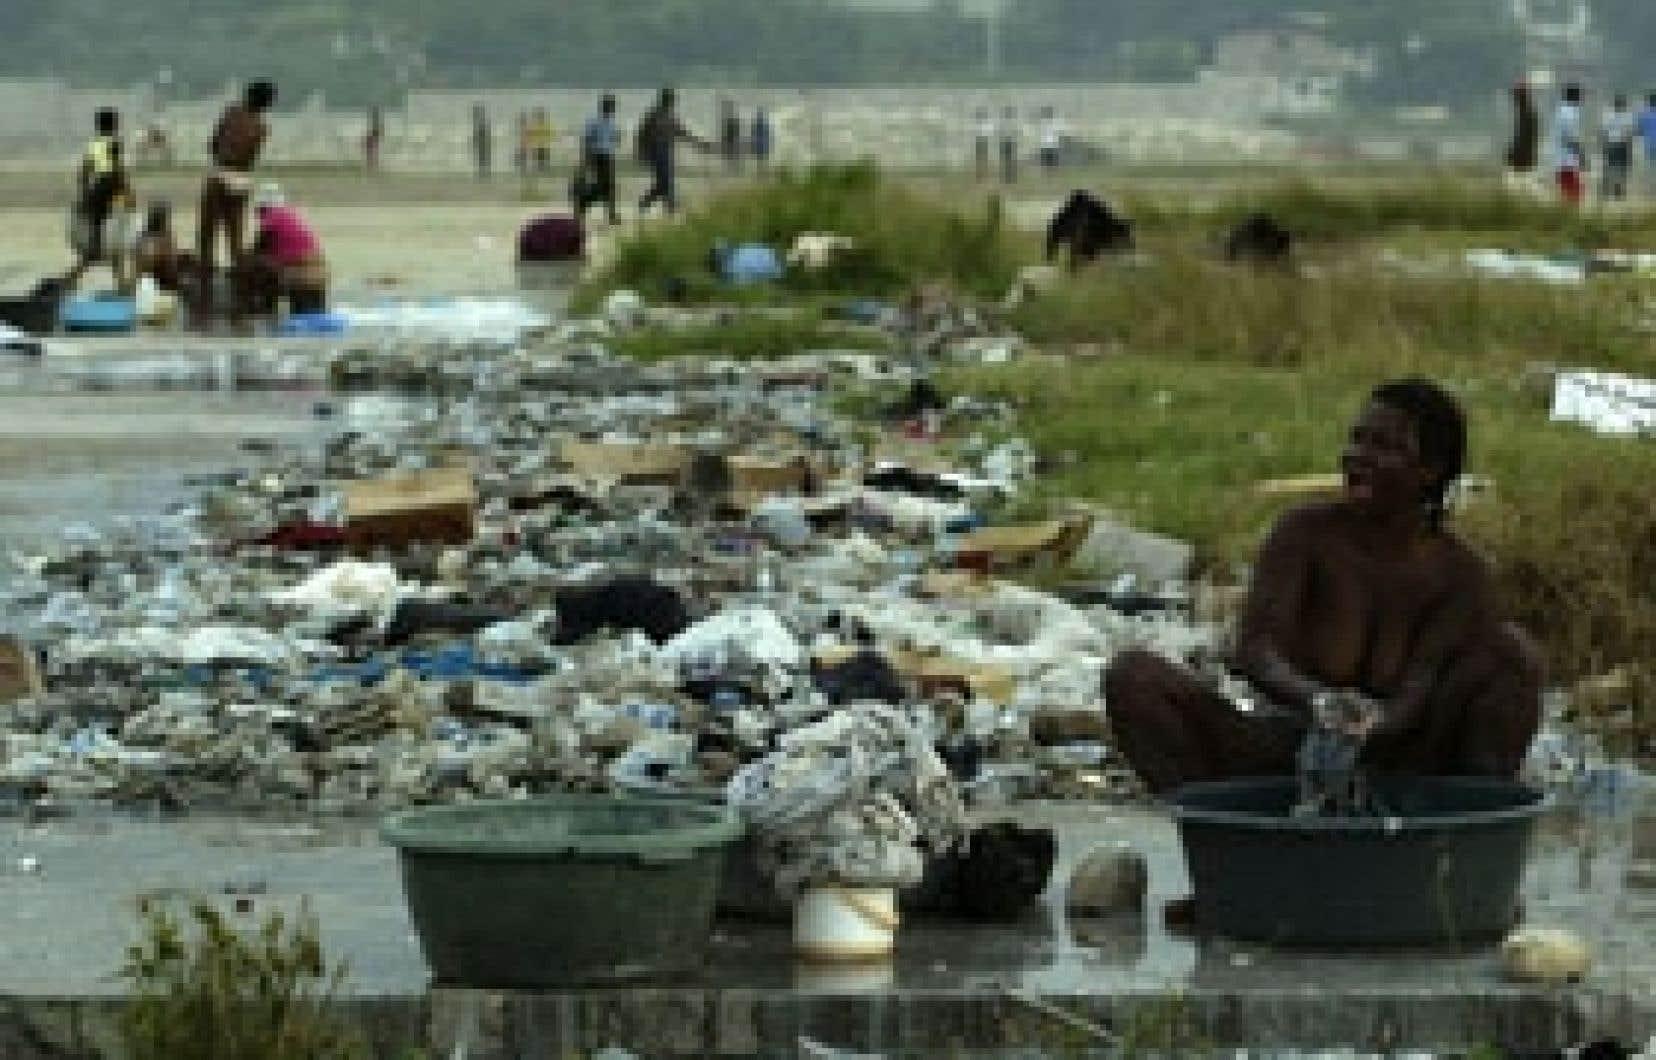 Des femmes lavent du linge à un point d'eau dans un parc du centre-ville de Port-au-Prince, la capitale haïtienne. Les problèmes d'évacuation d'eaux usées et d'adduction d'eau dans les villes et les villages sont parmi les plus importants